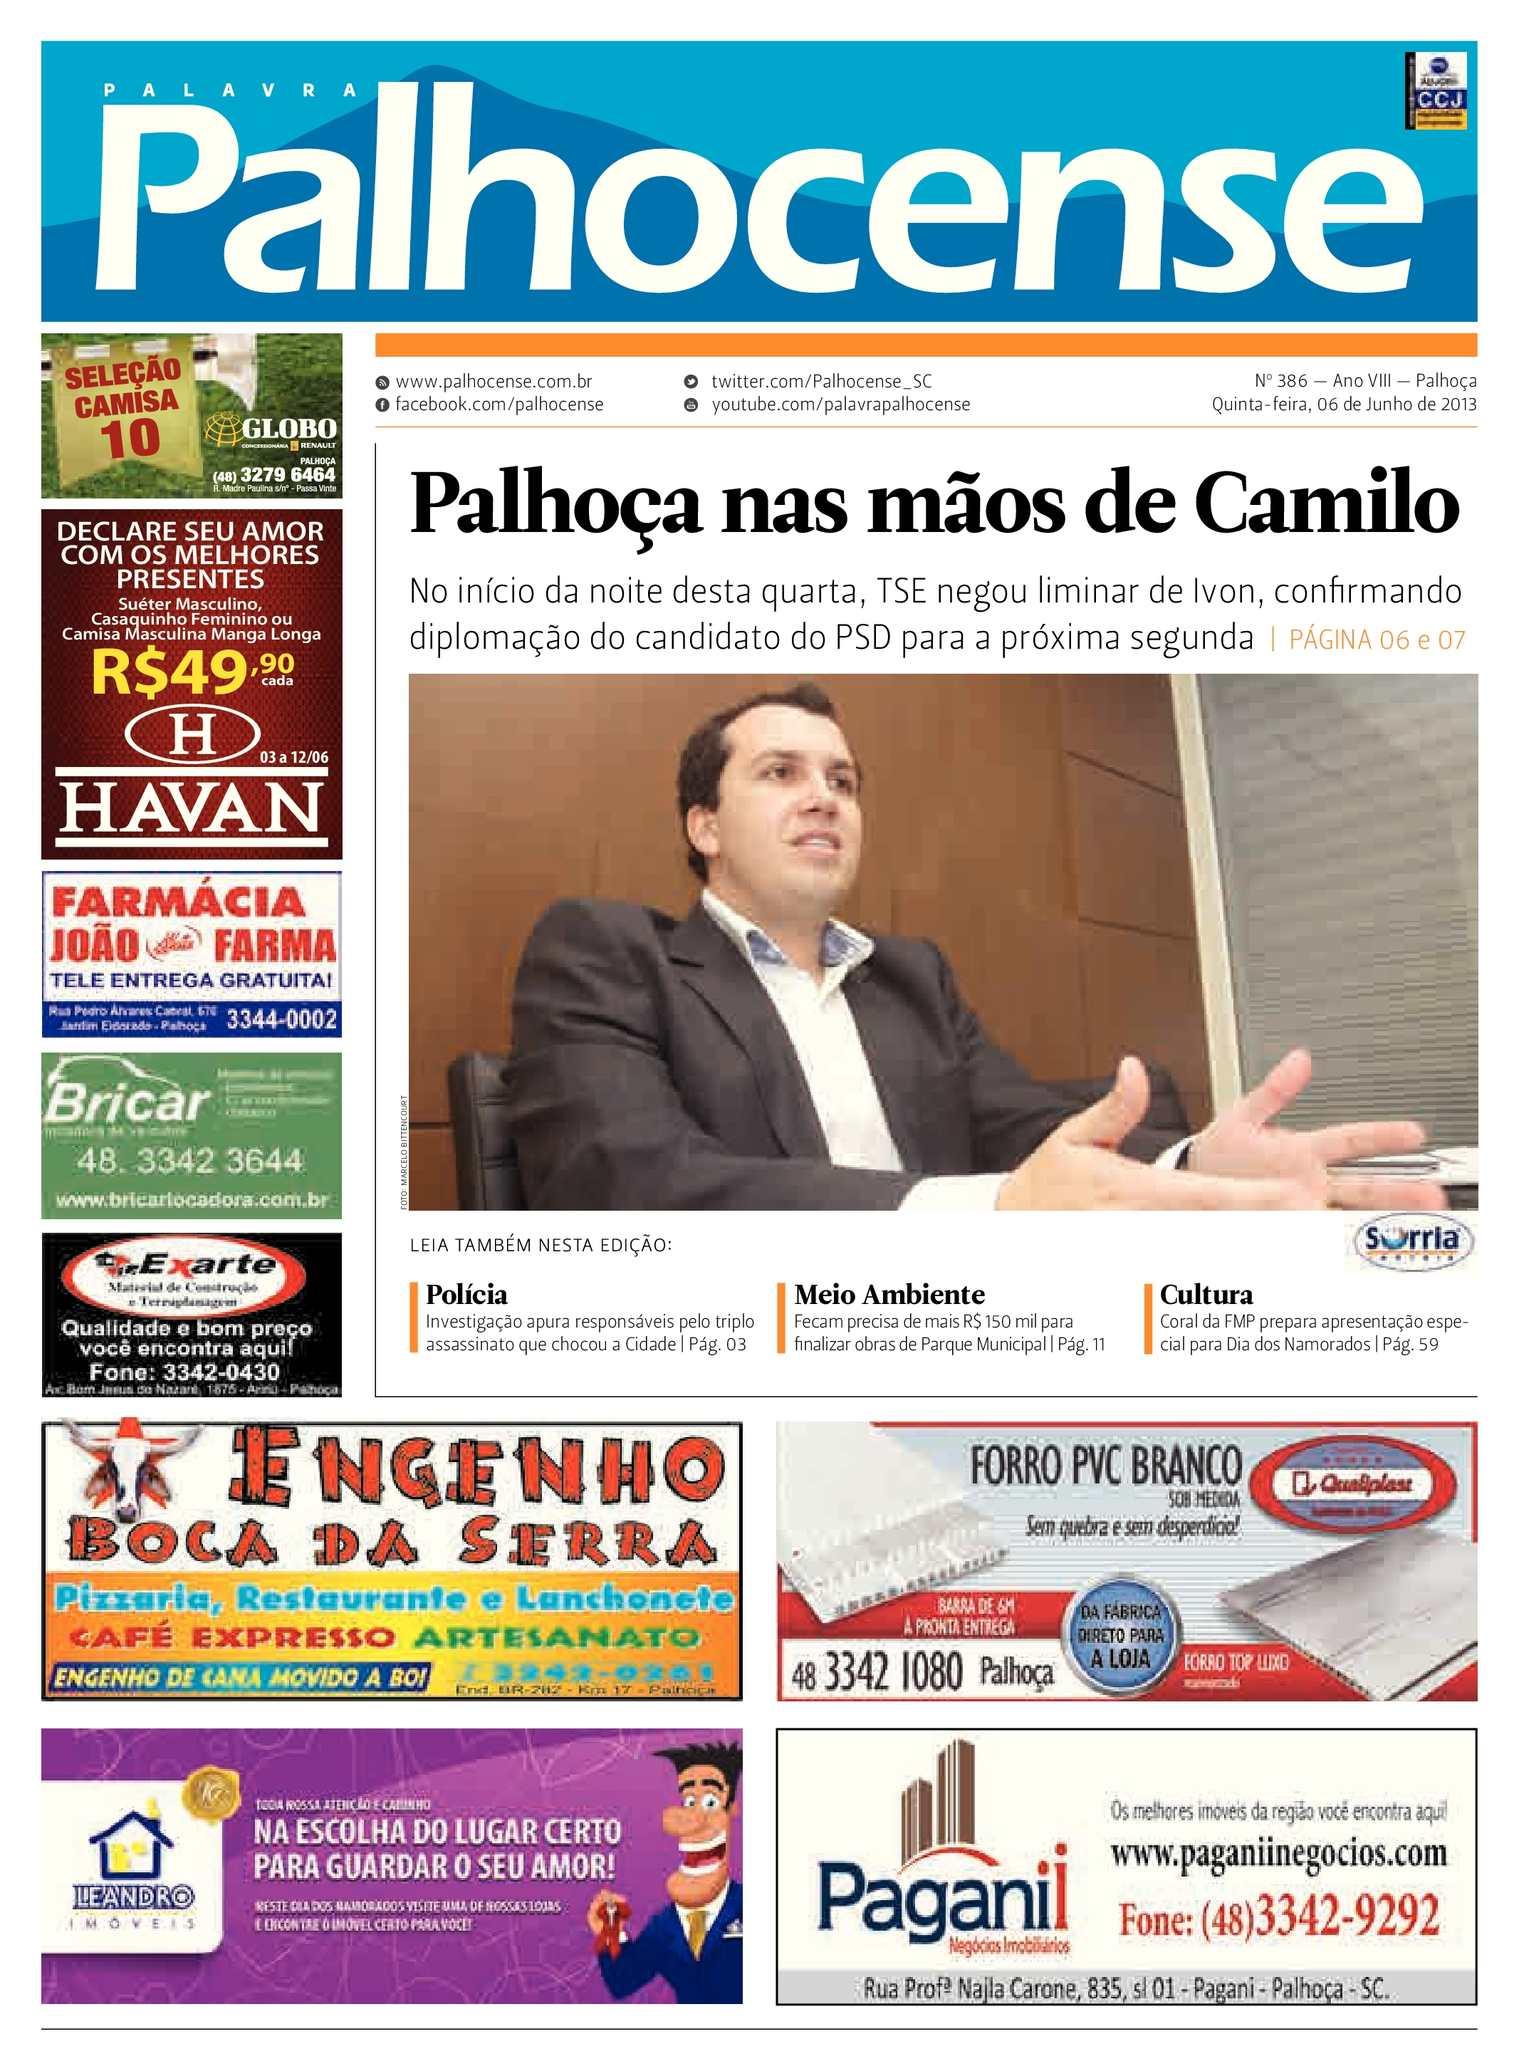 Calaméo - Jornal Palavra Palhocense - Edição 386 34dd236874483